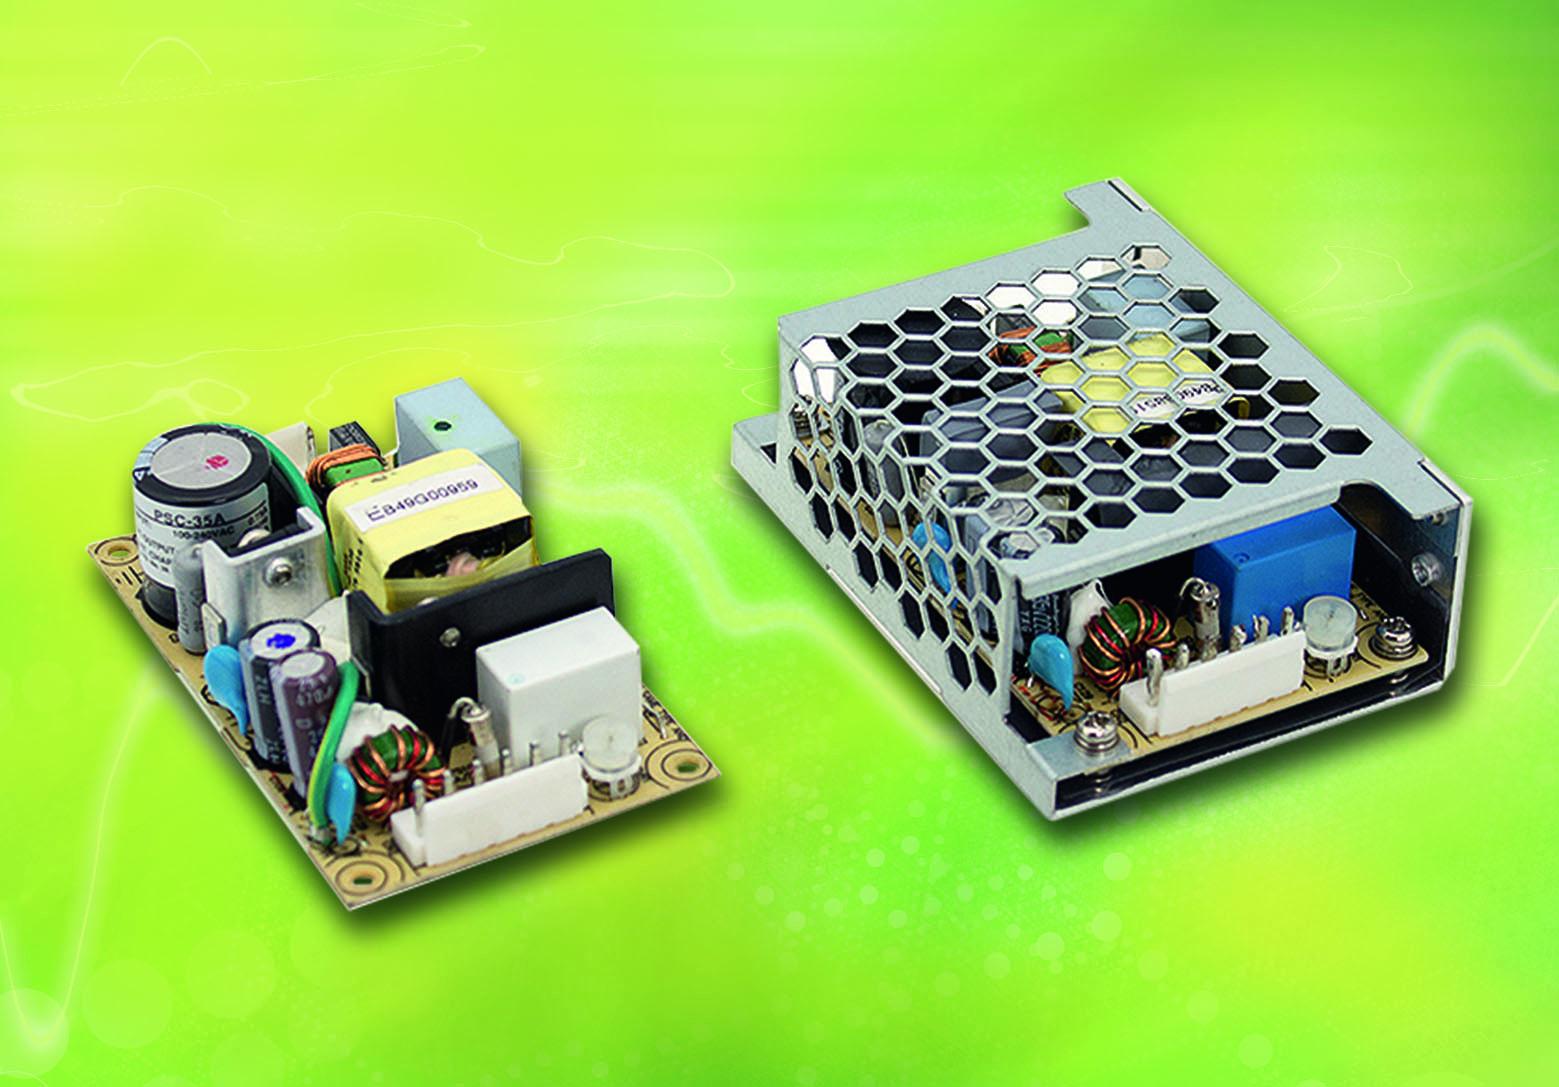 35W-Netzteil für sicherheitsrelevante Anwendungen